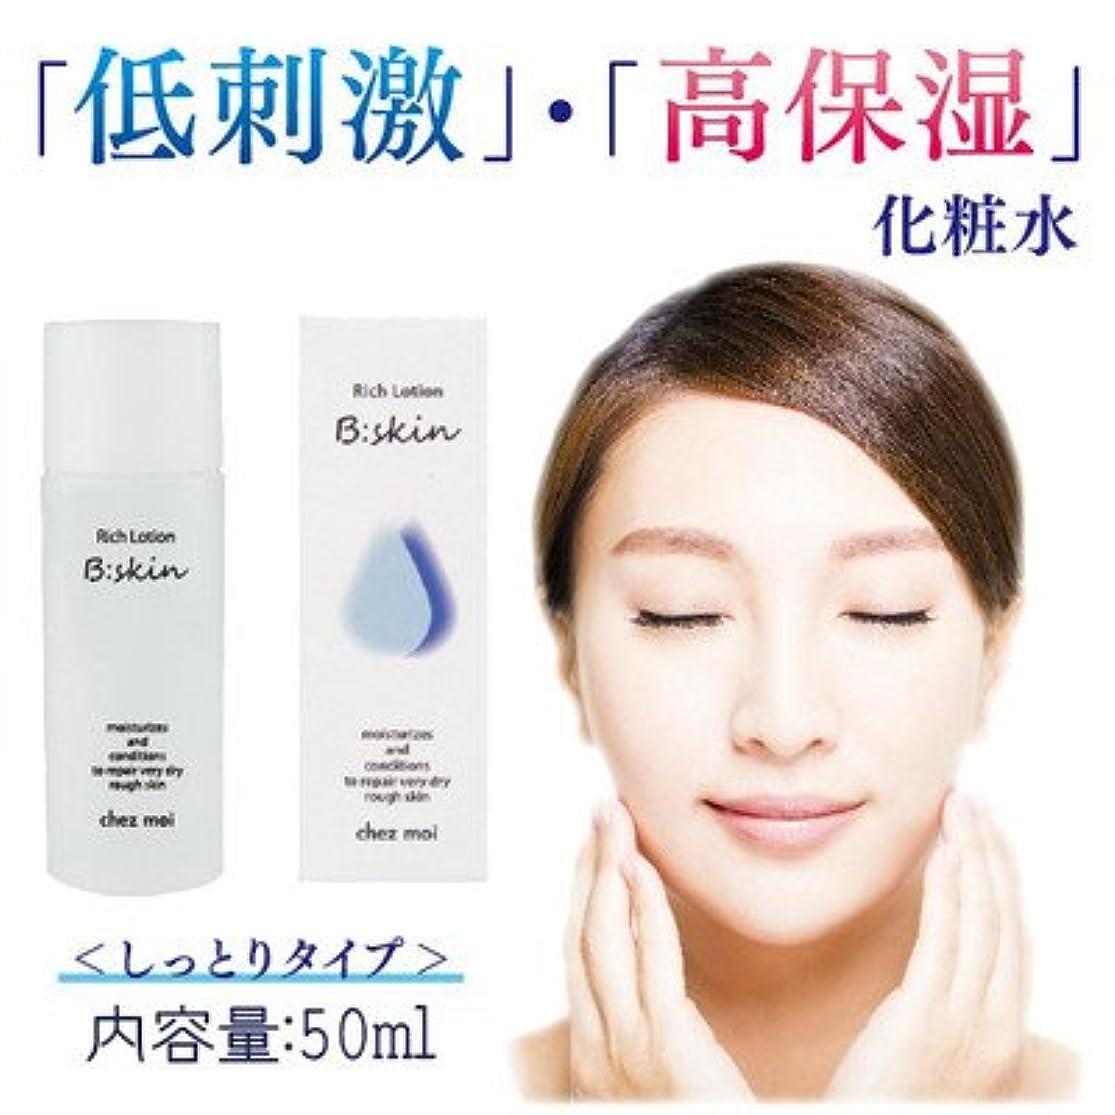 セラー静的ホテル低刺激 高保湿 しっとりタイプの化粧水 B:skin ビースキン Rich Lotion リッチローション しっとりタイプ 化粧水 50mL